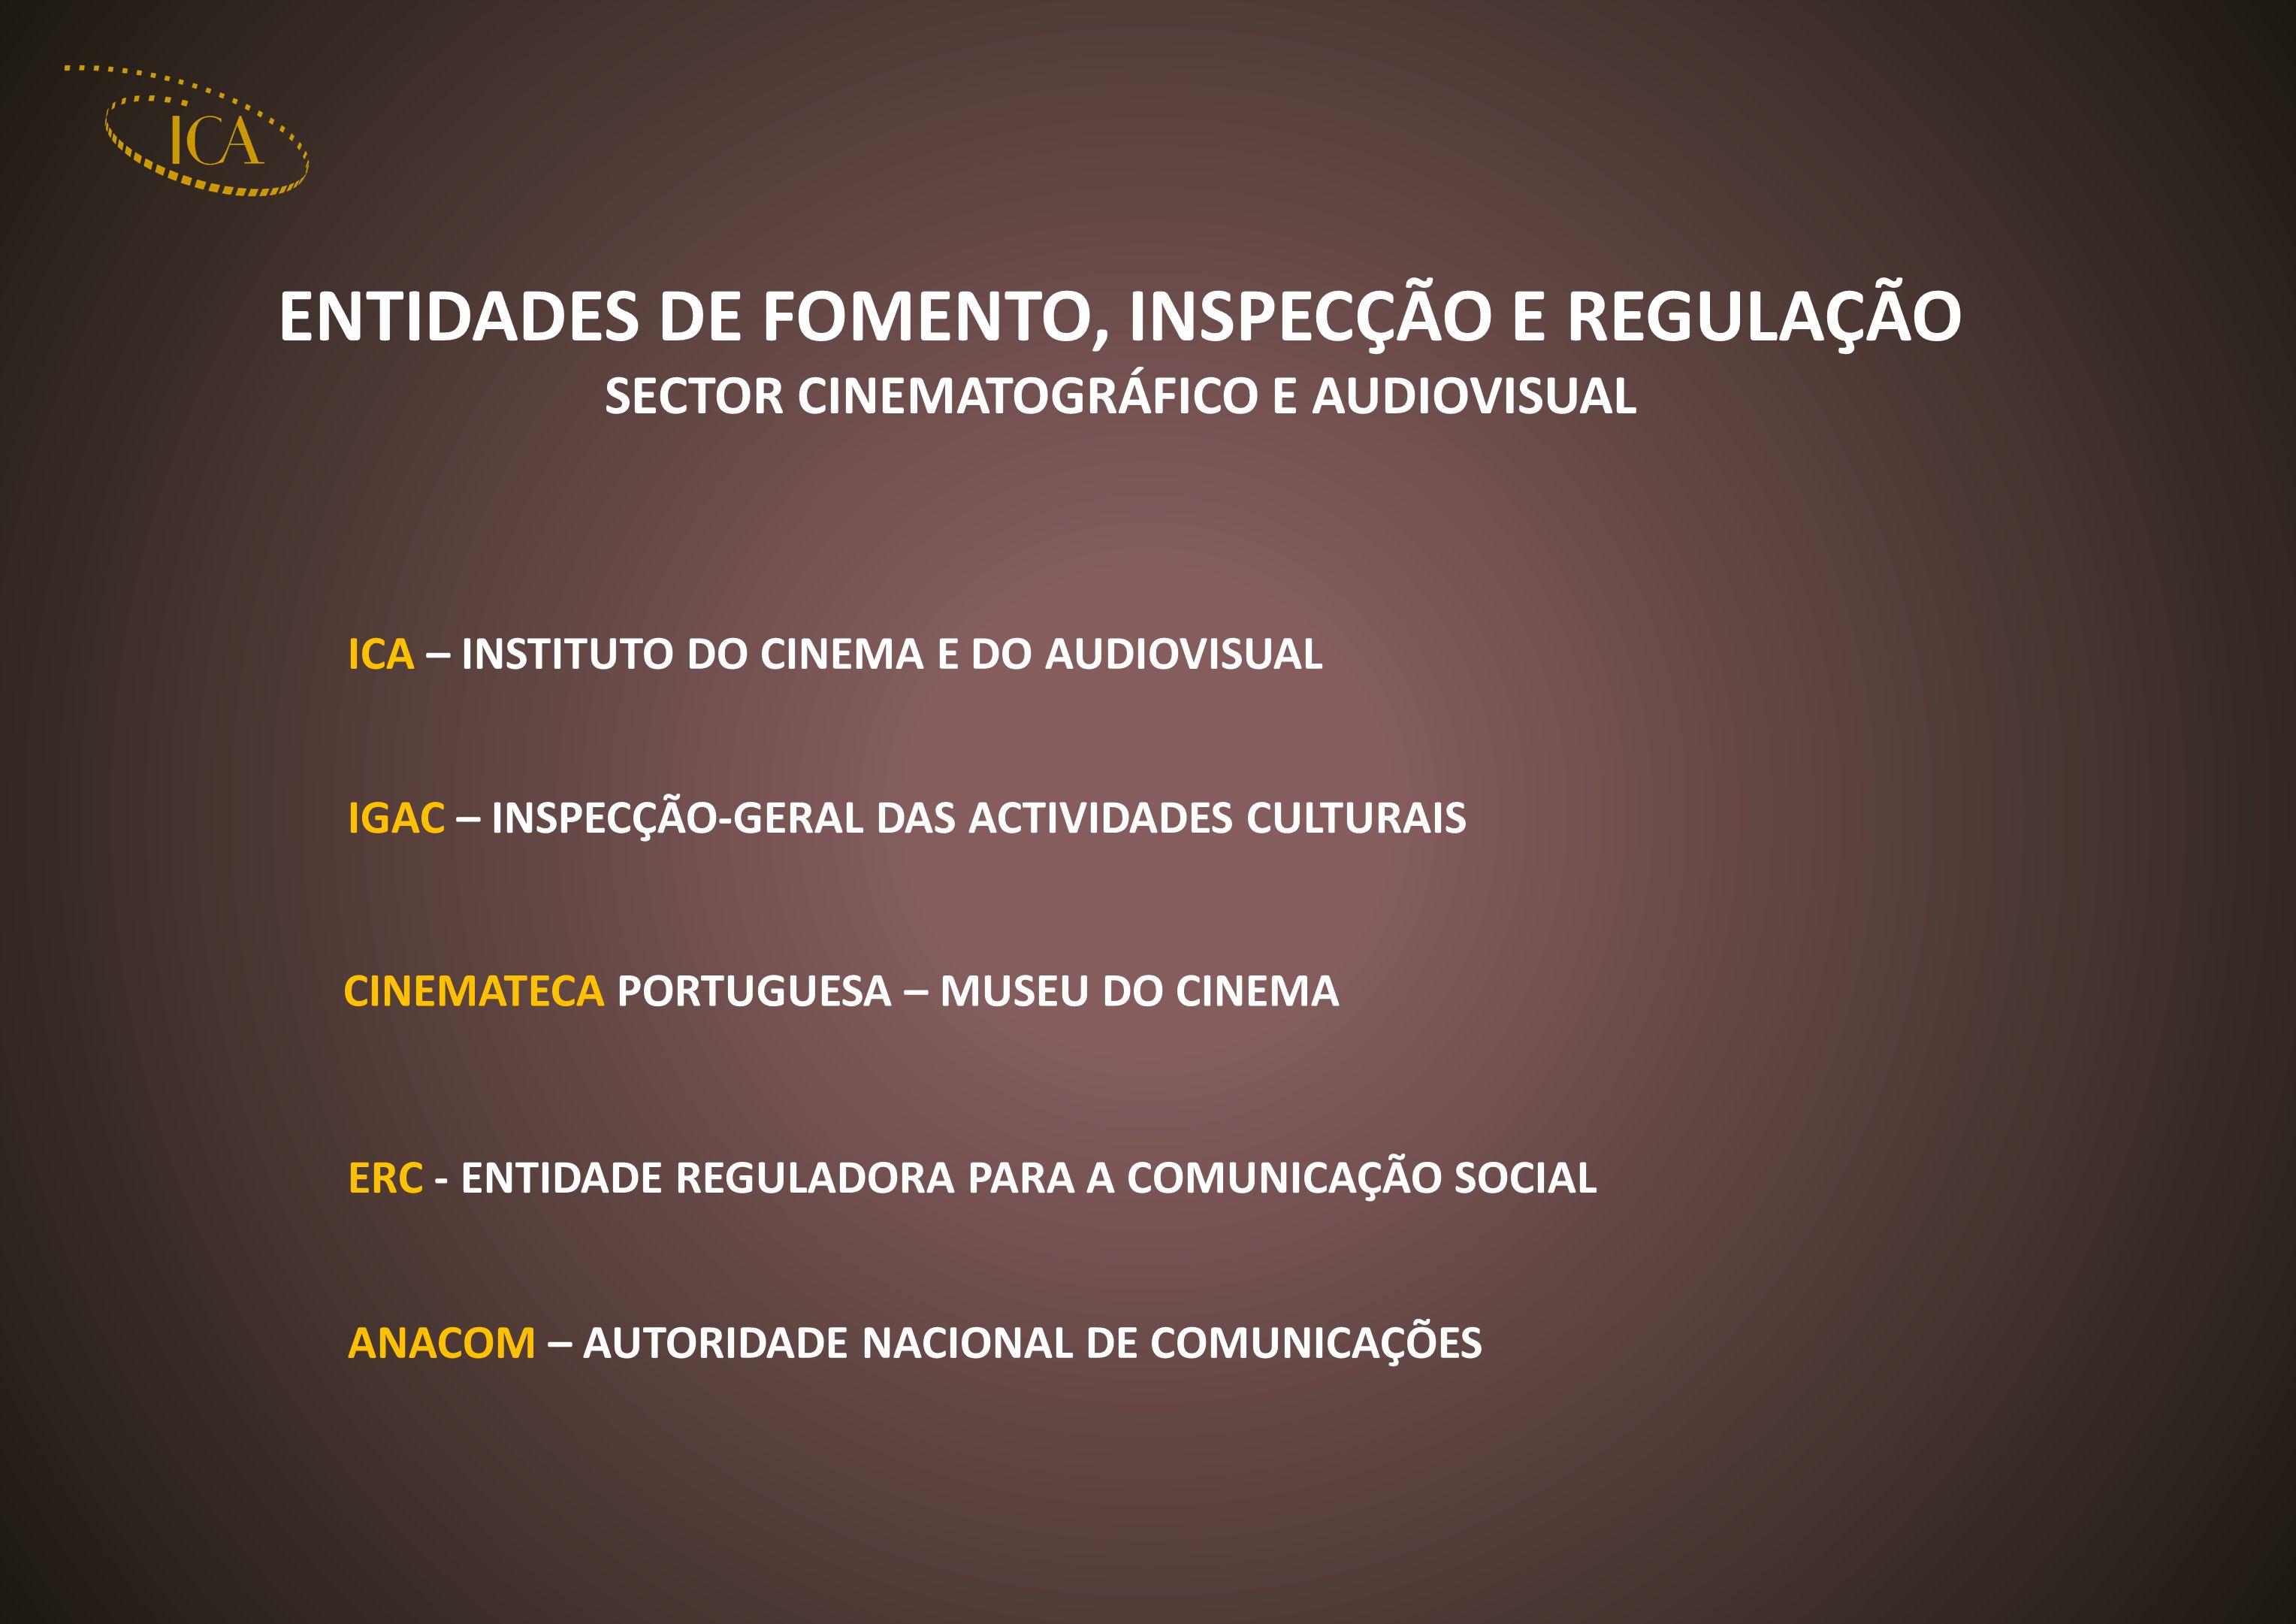 ANACOM – AUTORIDADE NACIONAL DE COMUNICAÇÕES ENTIDADES DE FOMENTO, INSPECÇÃO E REGULAÇÃO SECTOR CINEMATOGRÁFICO E AUDIOVISUAL ICA – INSTITUTO DO CINEMA E DO AUDIOVISUAL IGAC – INSPECÇÃO-GERAL DAS ACTIVIDADES CULTURAIS CINEMATECA PORTUGUESA – MUSEU DO CINEMA ERC - ENTIDADE REGULADORA PARA A COMUNICAÇÃO SOCIAL